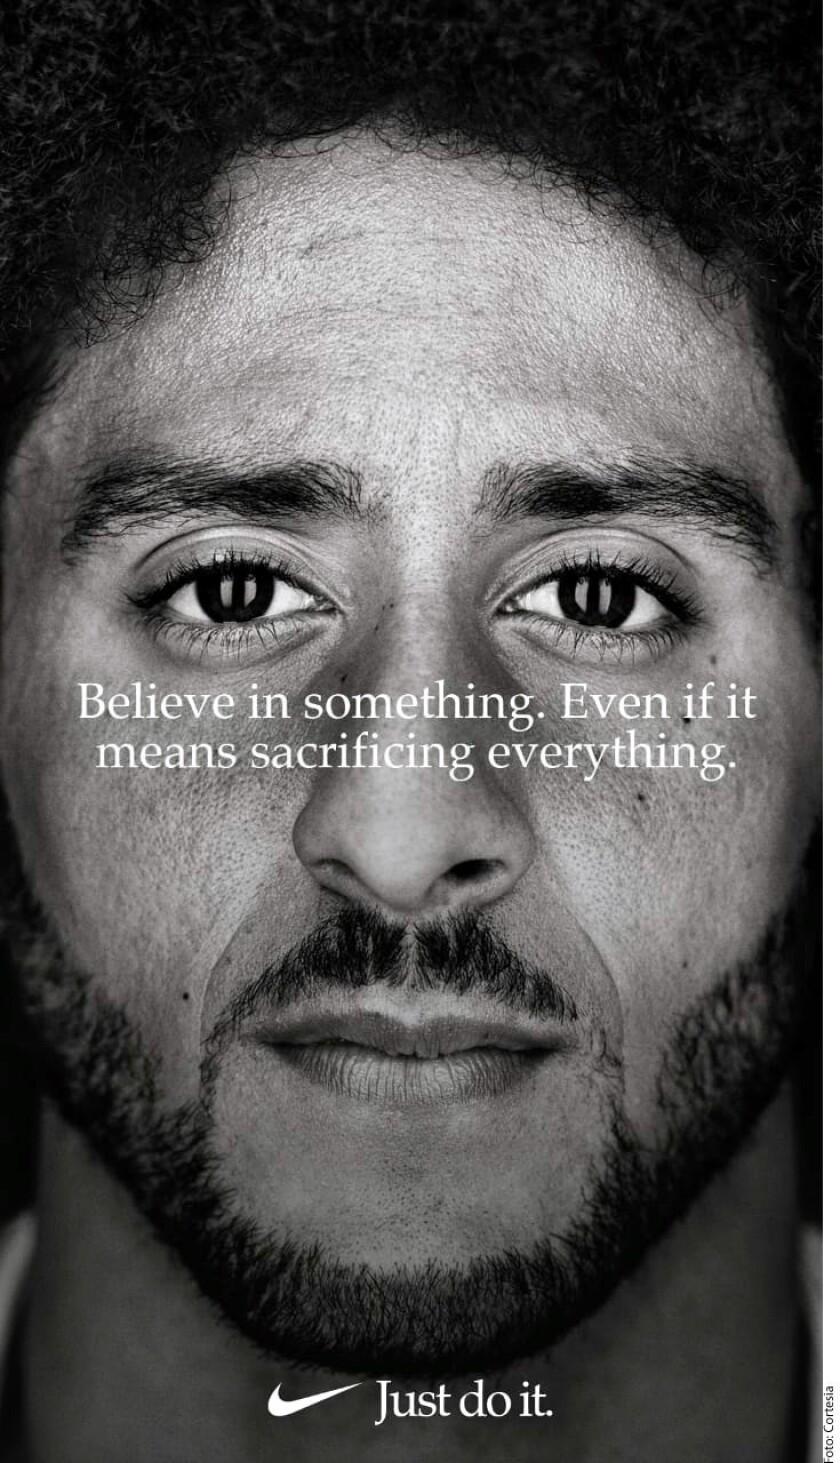 Colin Kaepernick en el anuncio de Nike.